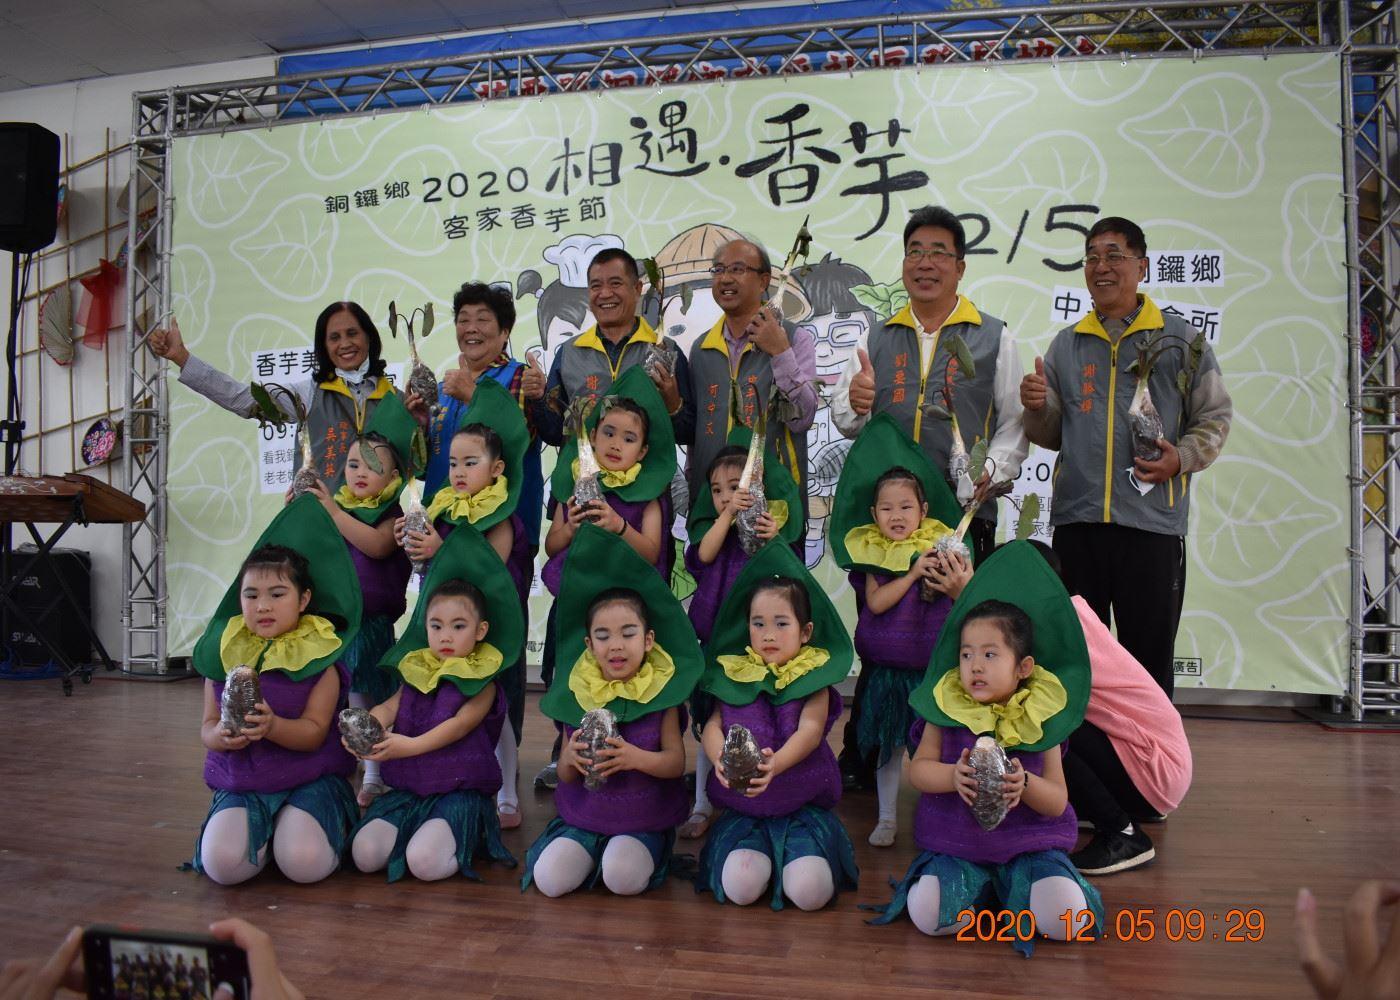 銅鑼鄉2020香芋節